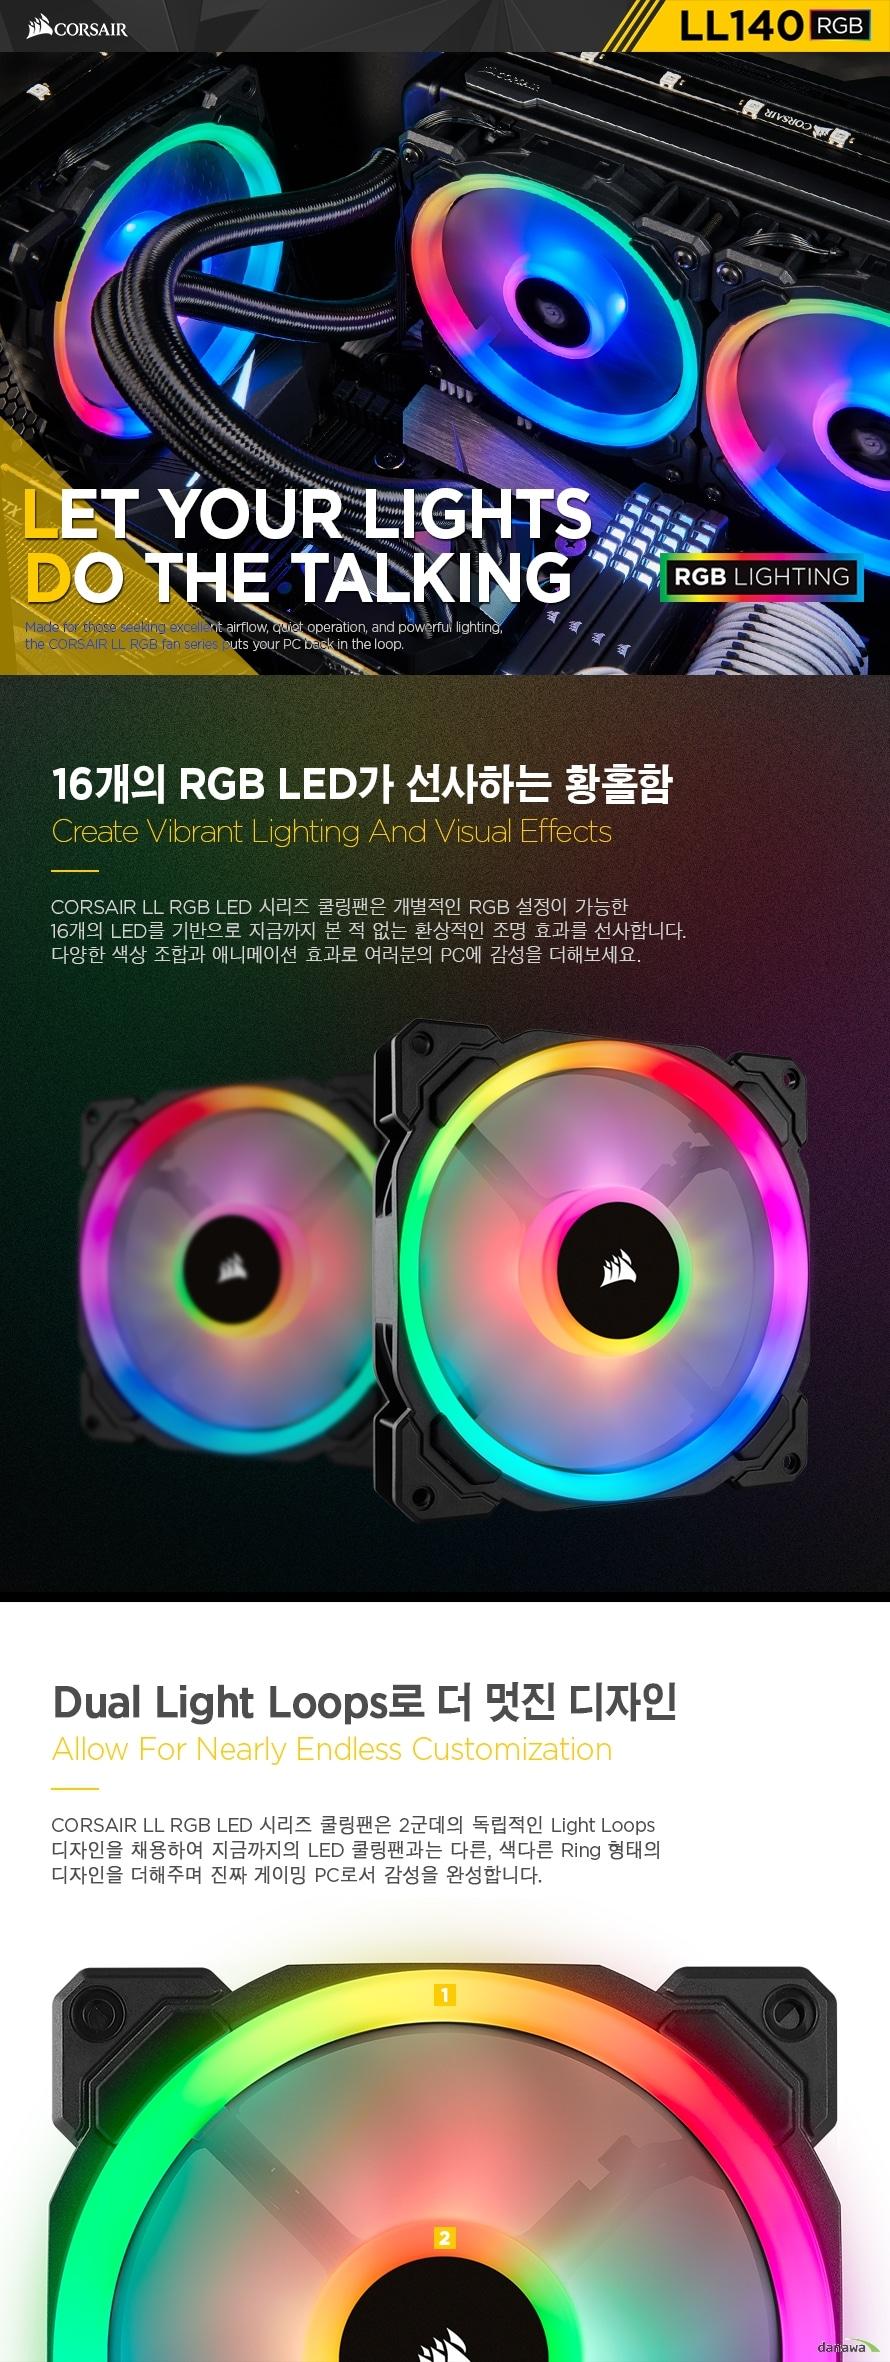 CORSAIR LL RGB LED 시리즈 쿨링팬은 개별적인 RGB 설정이 가능한 16개의 LED를 기반으로 지금까지 본 적 없는 환상적인 조명 효과를 선사합니다. 다양한 색상 조합과 애니메이션 효과로 여러분의 PC에 감성을 더해보세요.